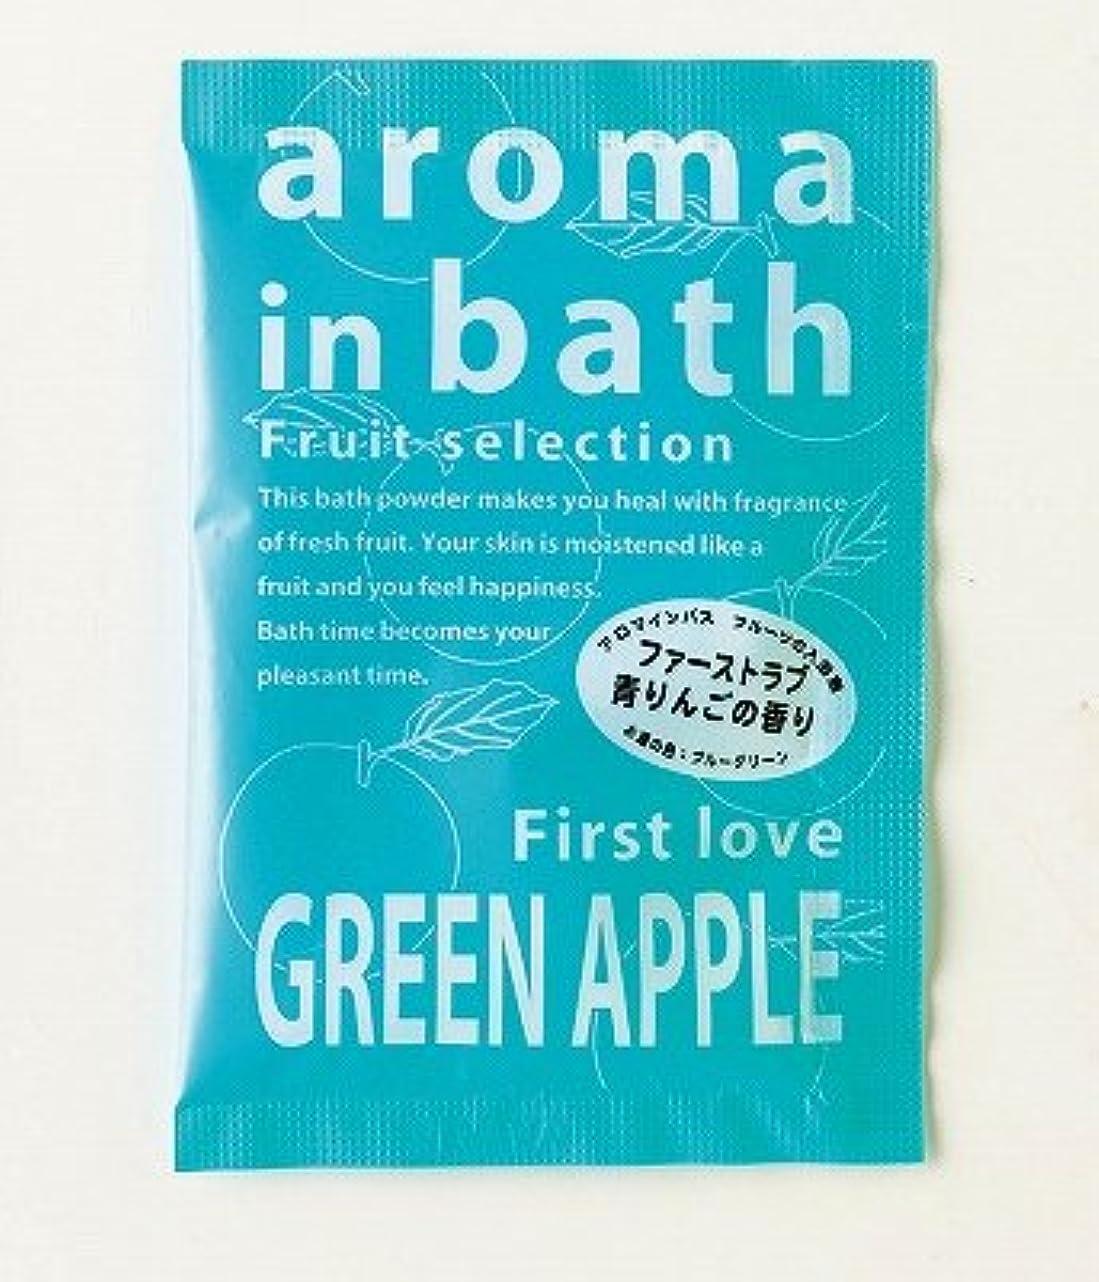 符号クラックポット赤ちゃんアロマインバス グリーンアップルの香り 25g(200個1セット)